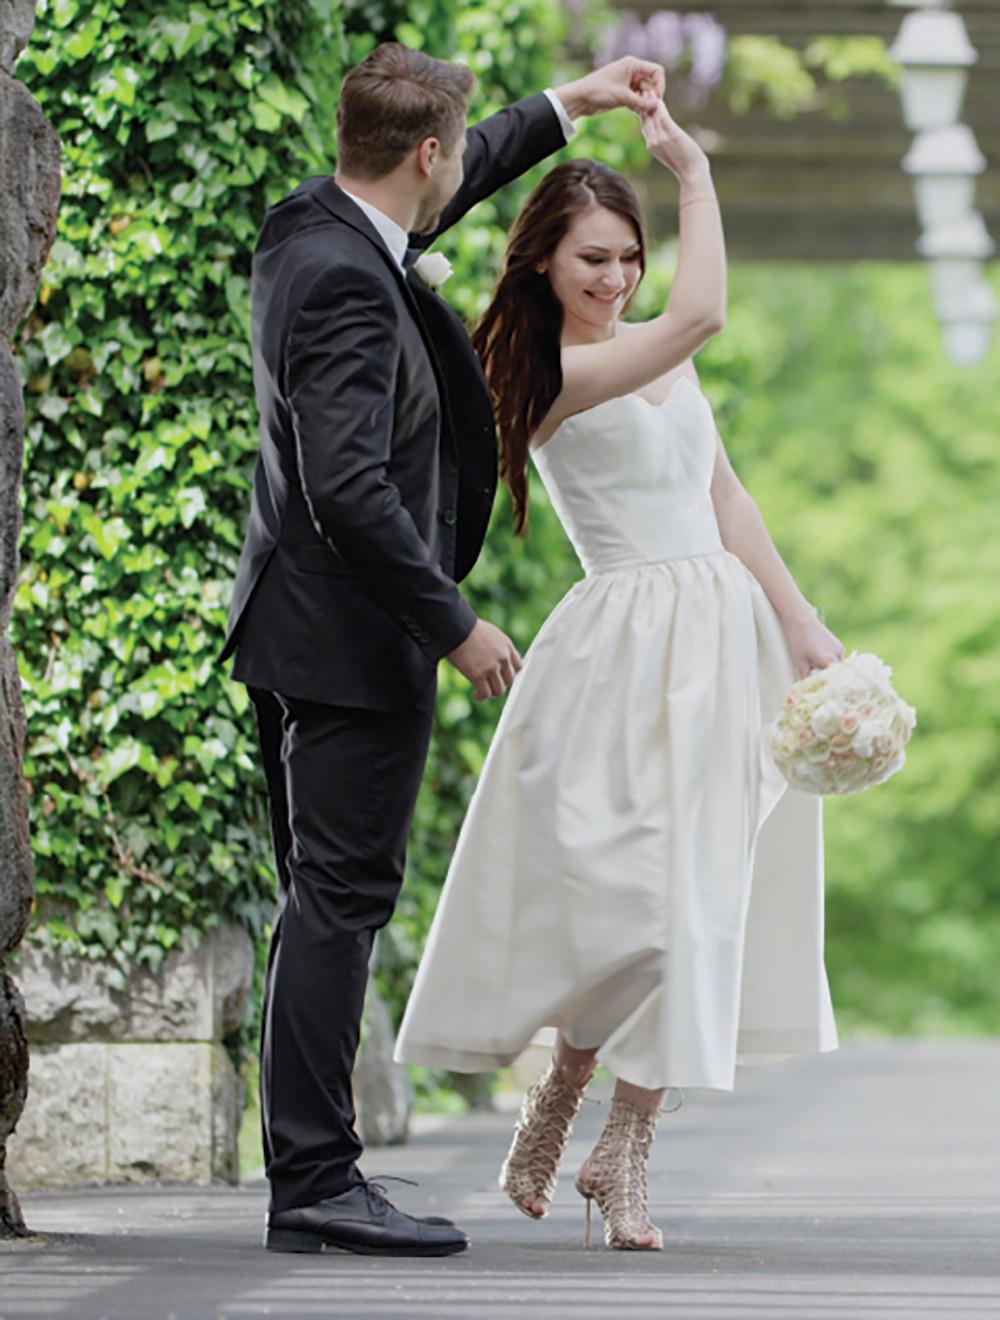 تكلفة حضور حفل زفاف تبلغ ما يقارب 9 ملايين دولار امريكي في المنطقة